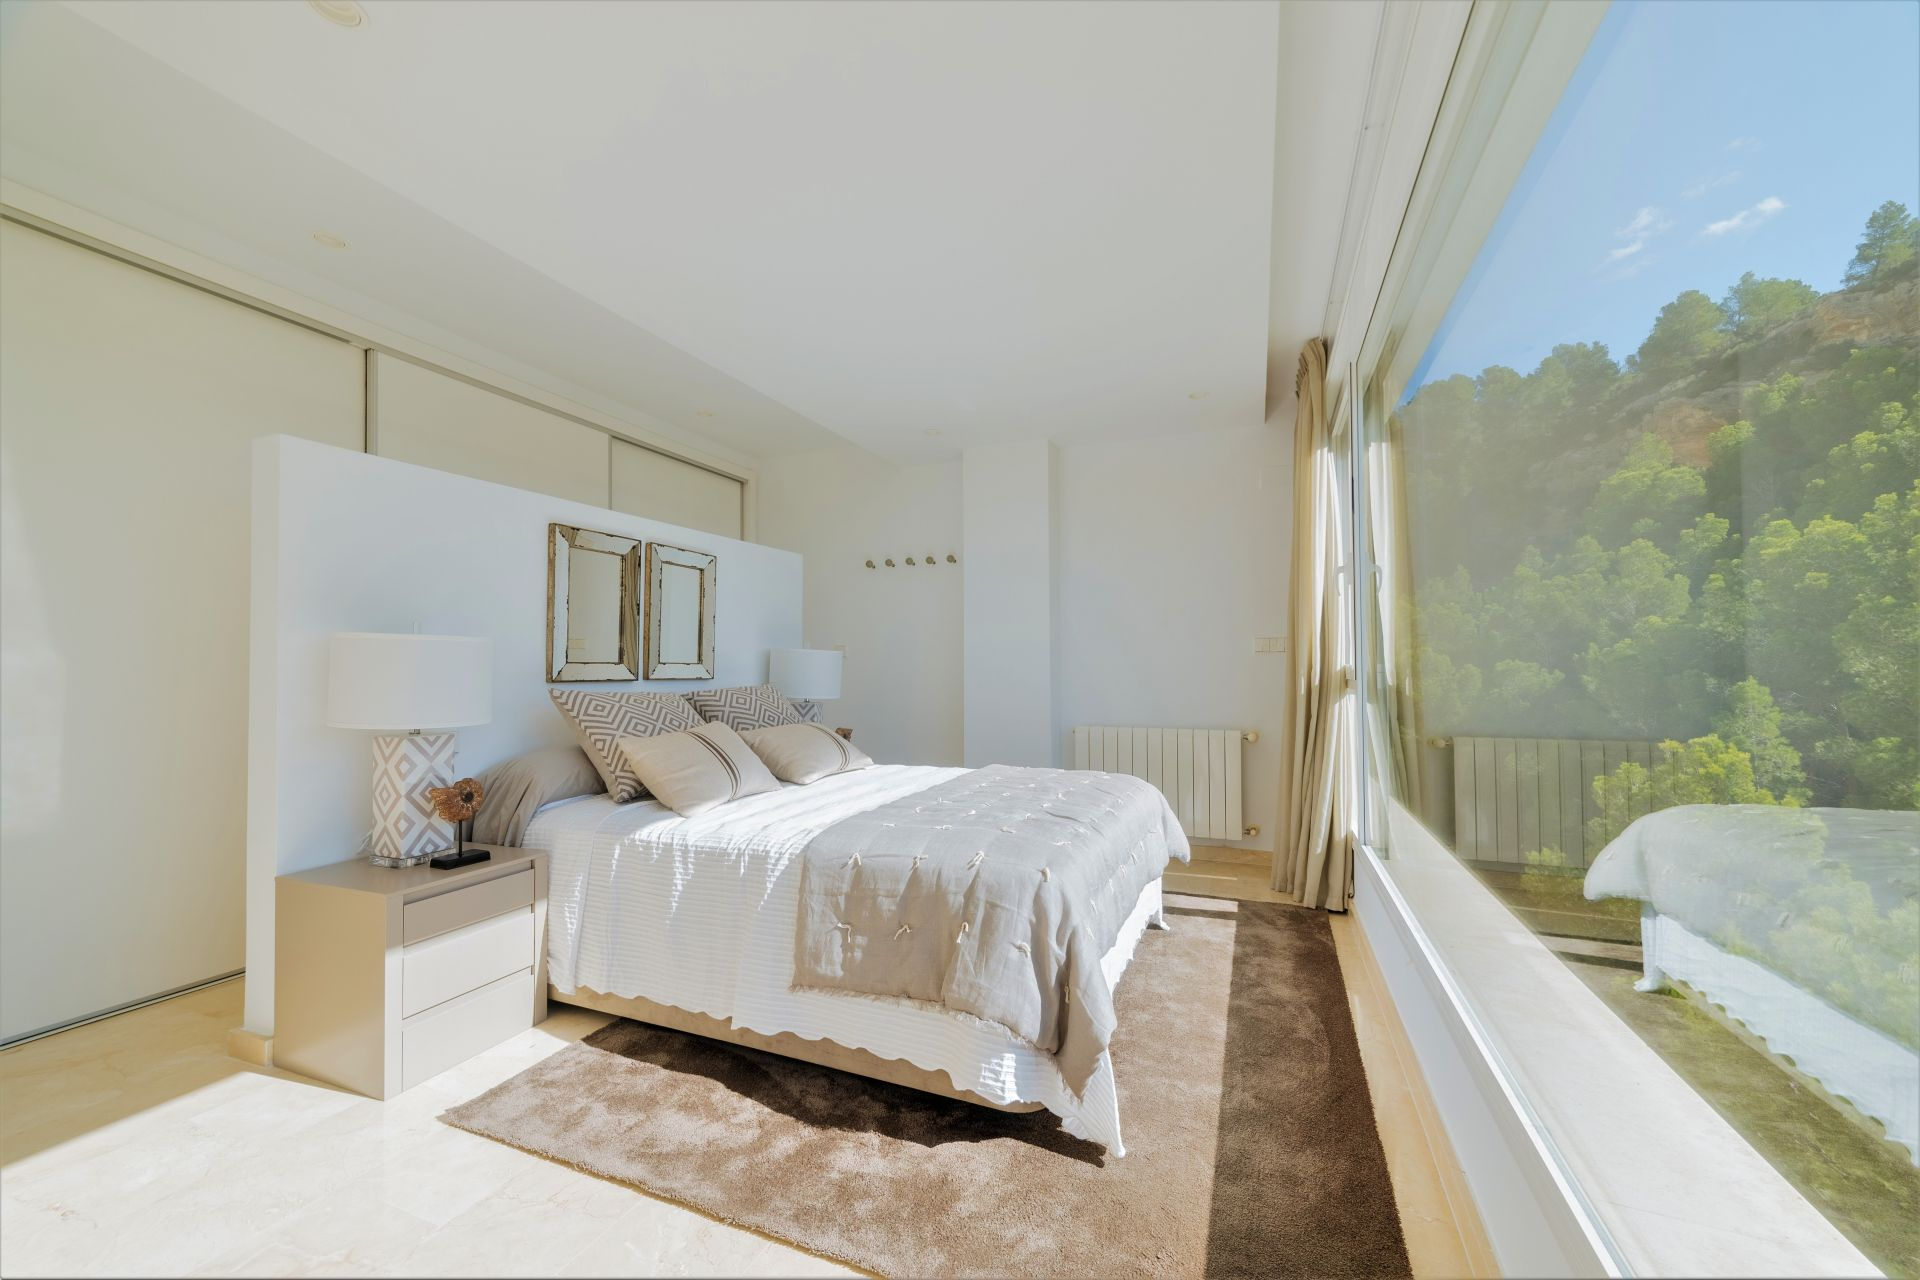 Villas with incredible views to the Mediterranean Sea in Altea 29